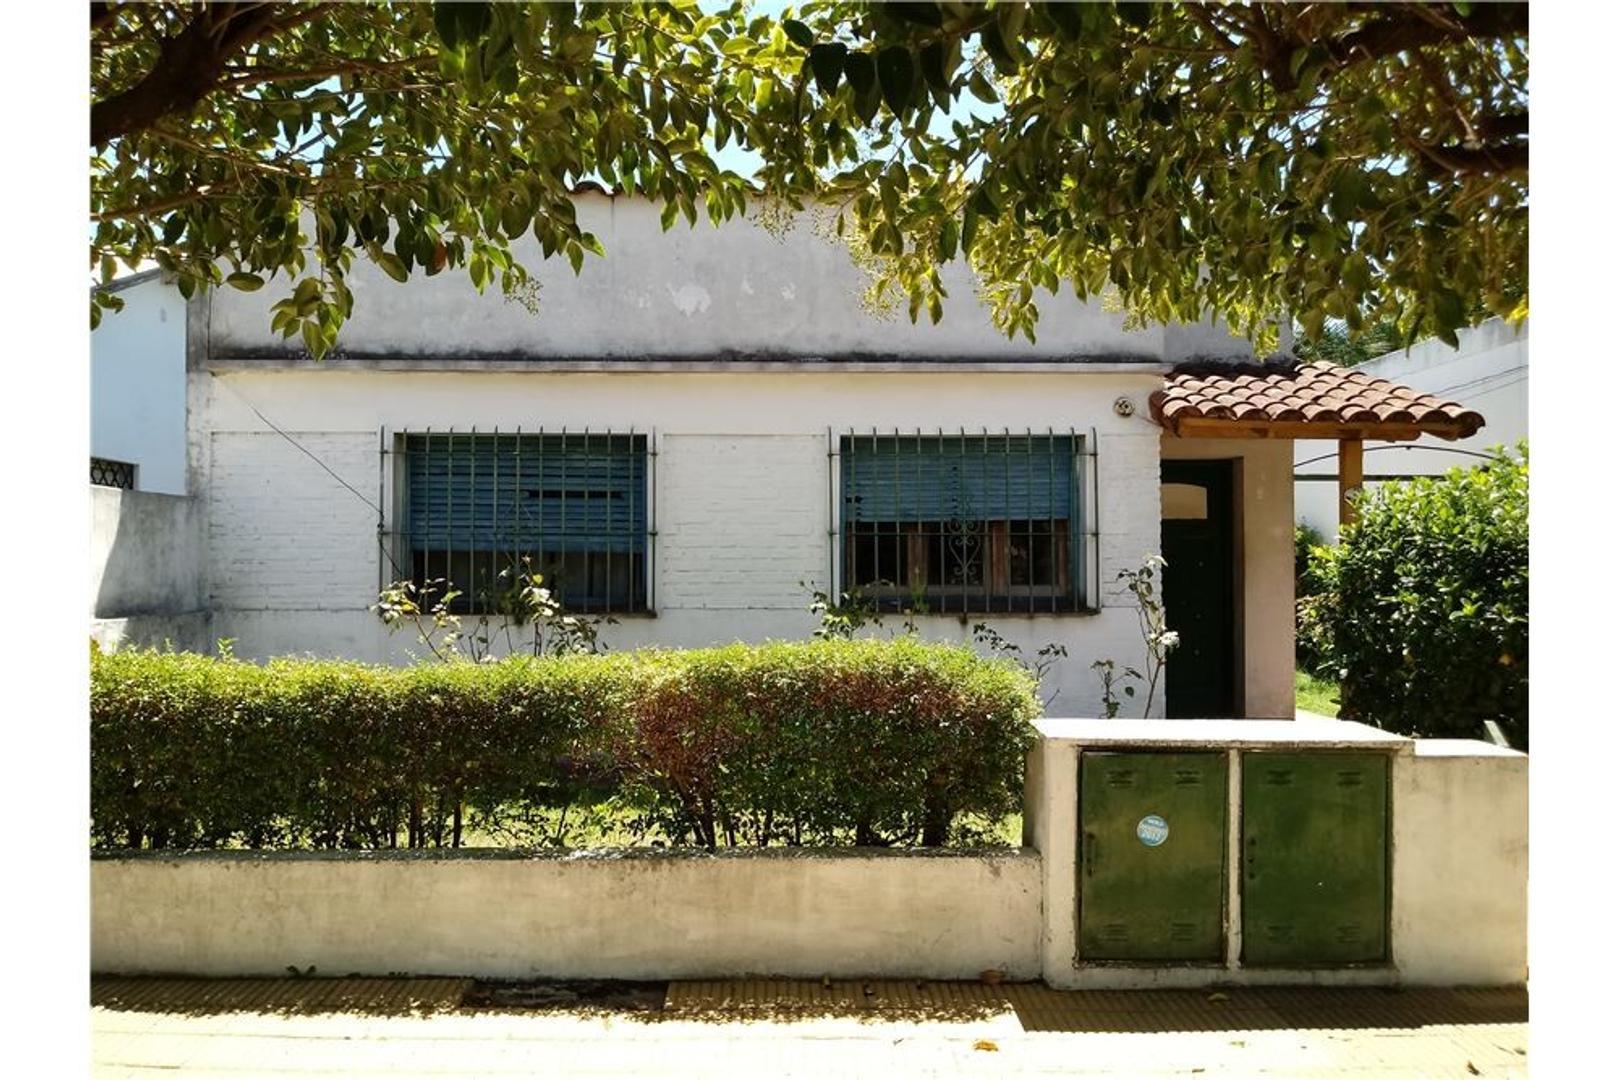 b036b283b91 VENTA PH TIPO CASA 3 AMBIENTES S ANTONIO DE PADUA.